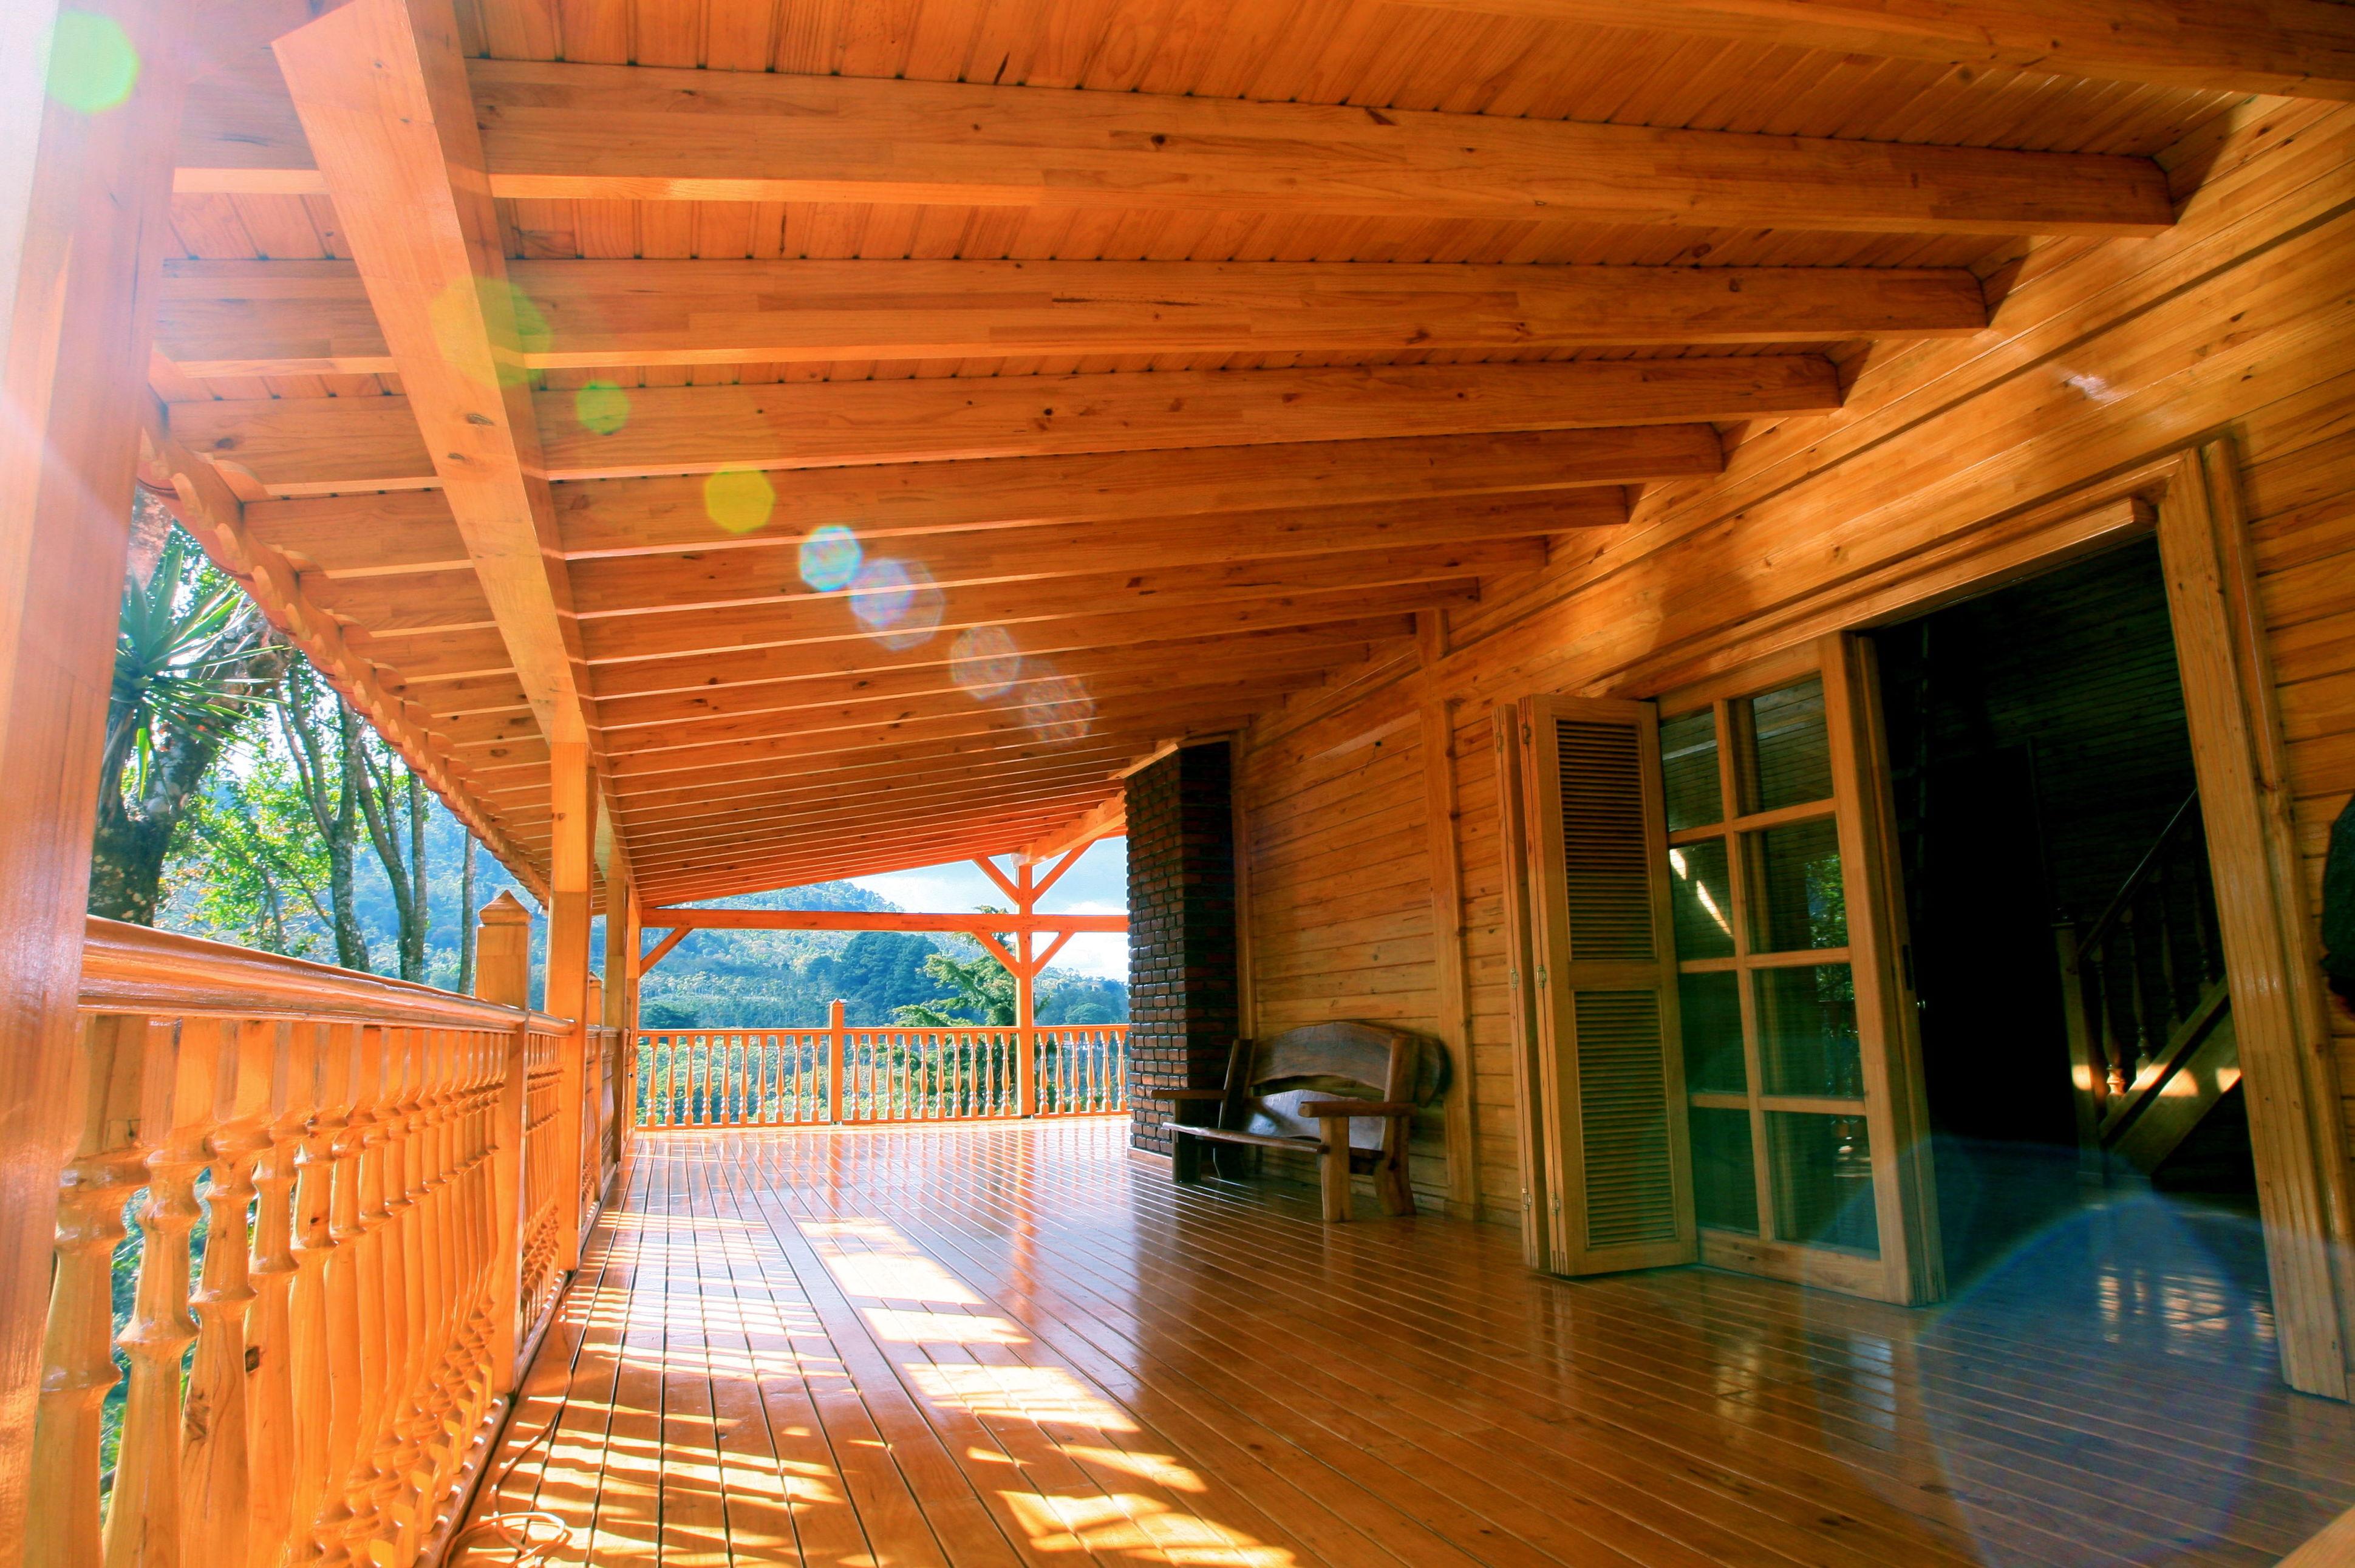 fabricants de maisons en bois